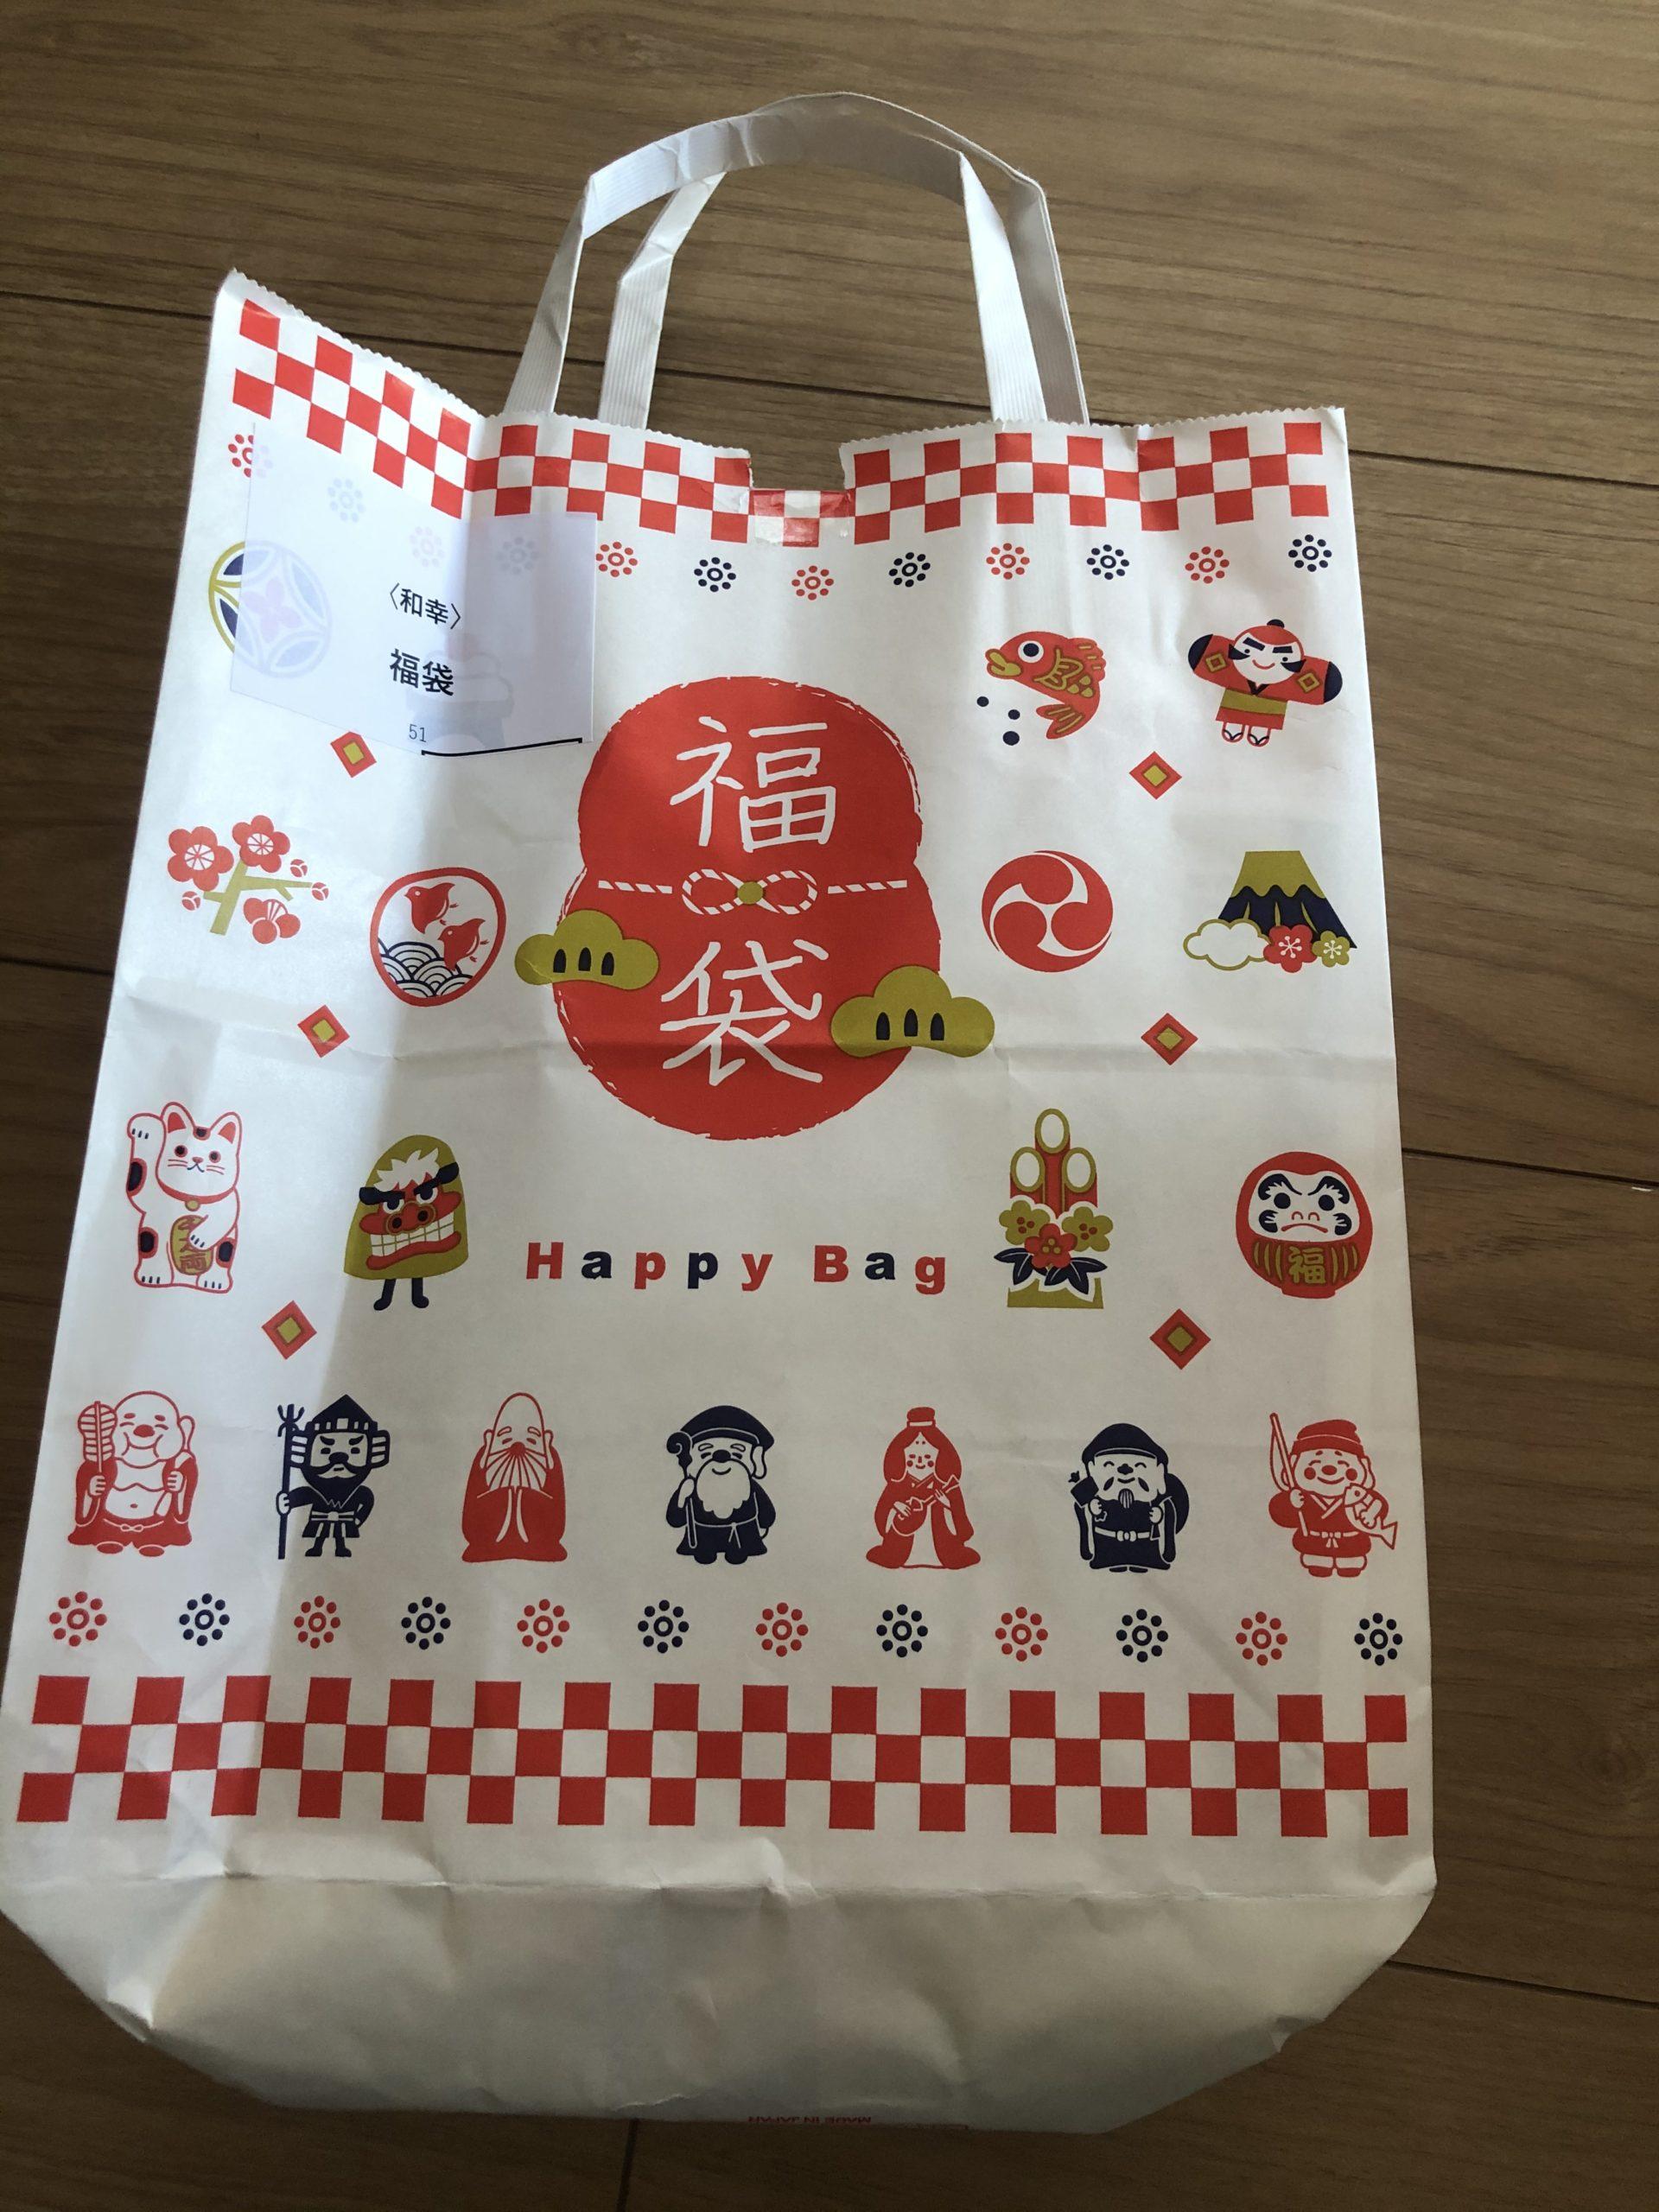 【2021】丸広川越で福袋購入品をご紹介します